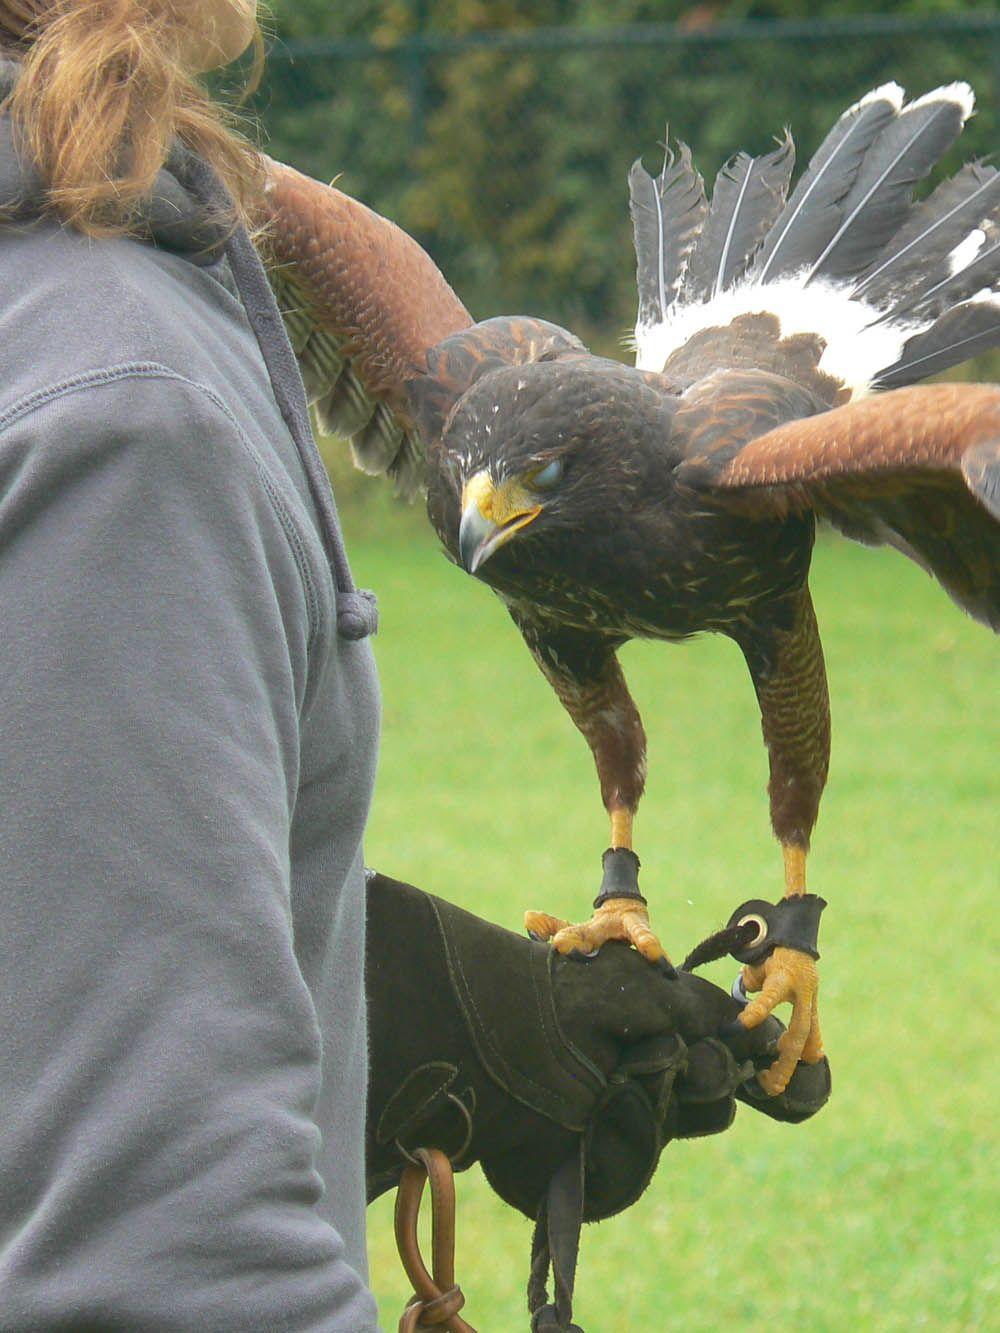 Falconry Training メラニズム アルビノ 鳥